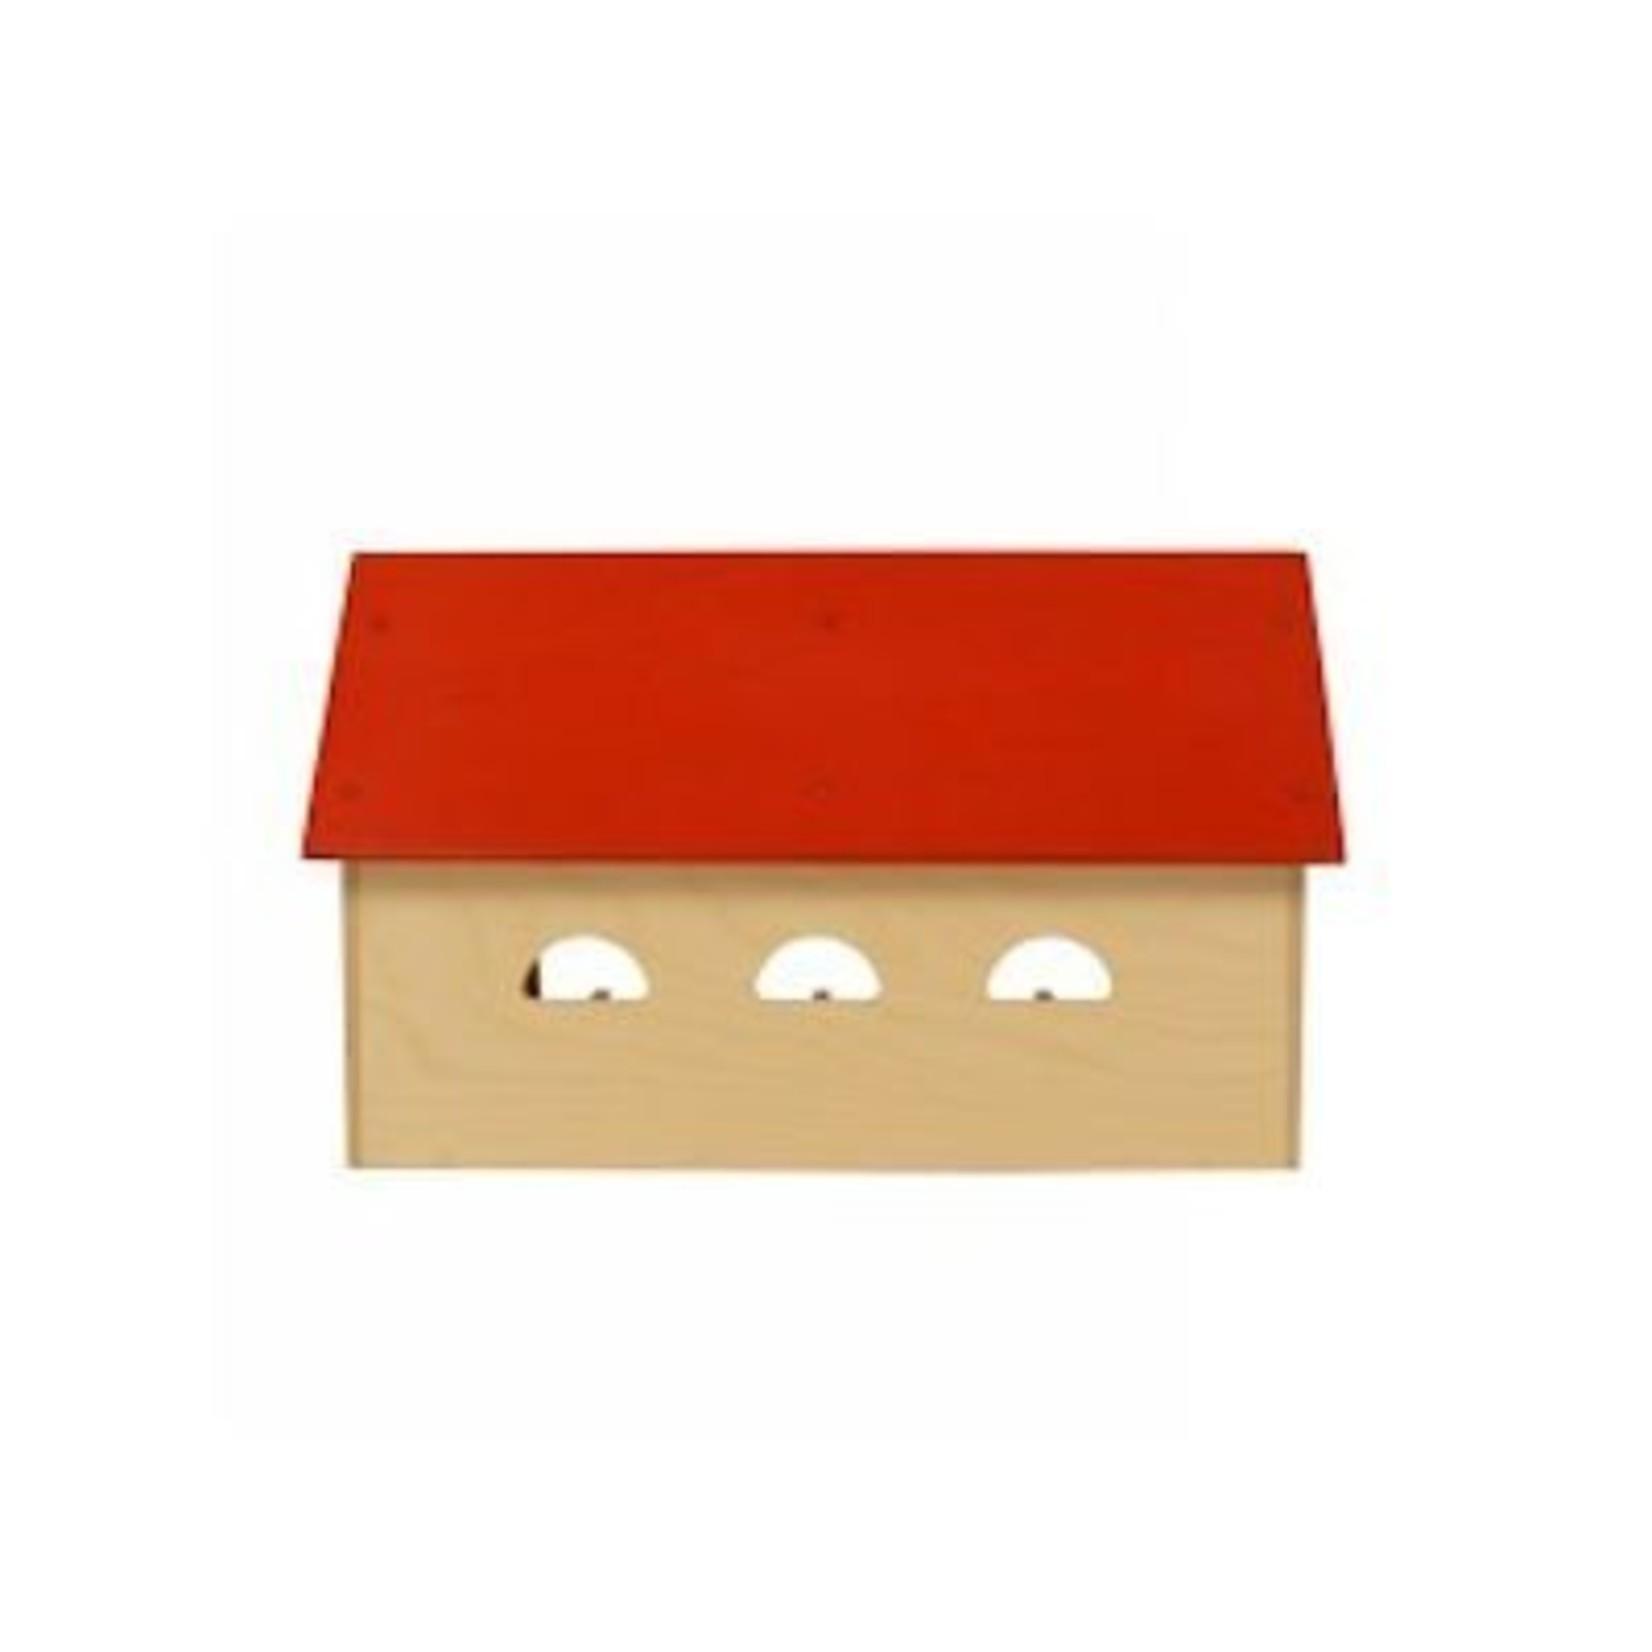 Van Dijk Toys Houten Boerderij - Rood dak